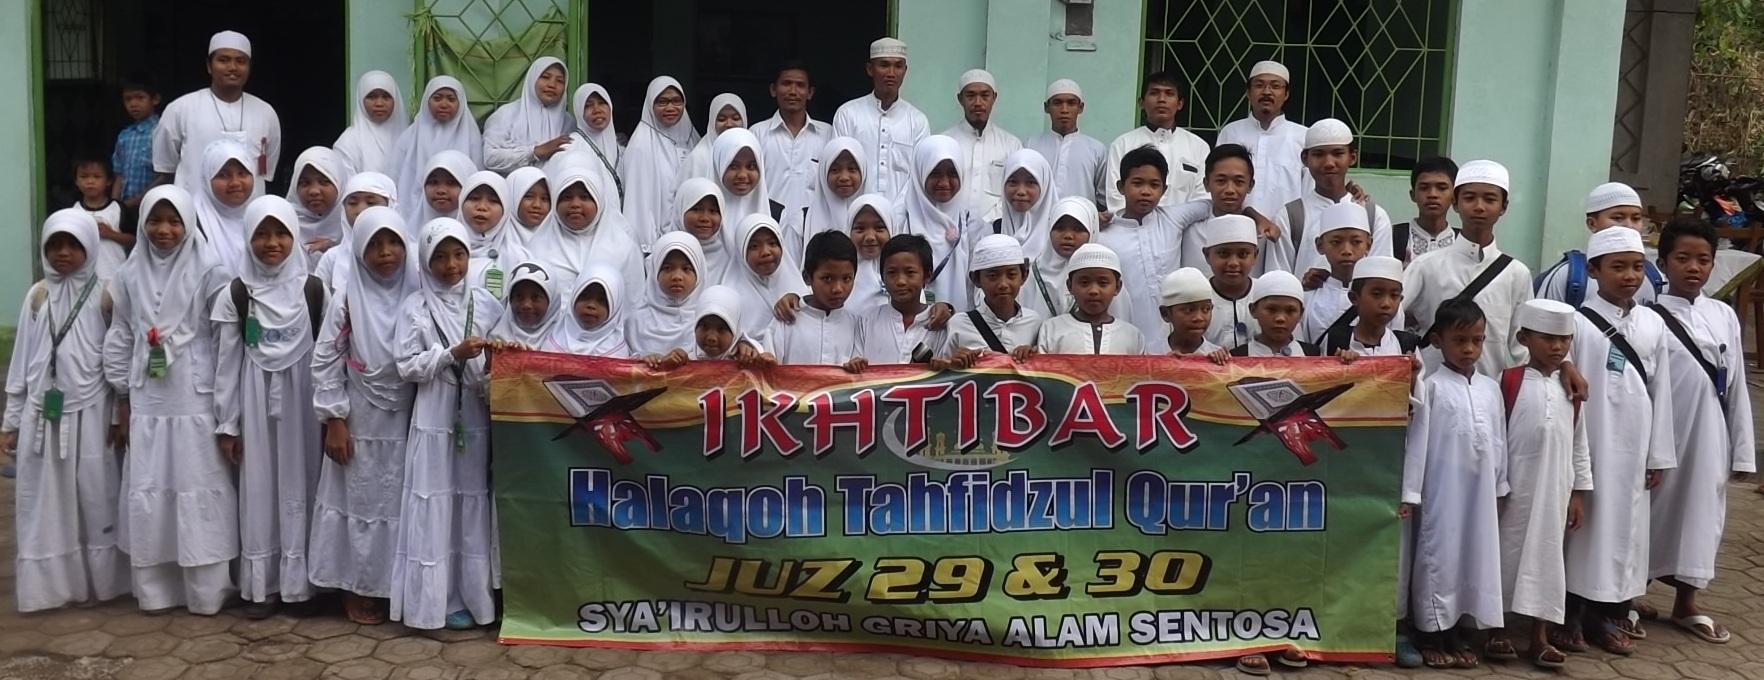 Halaqoh Tahfidzul Qur'an LDII Bogor